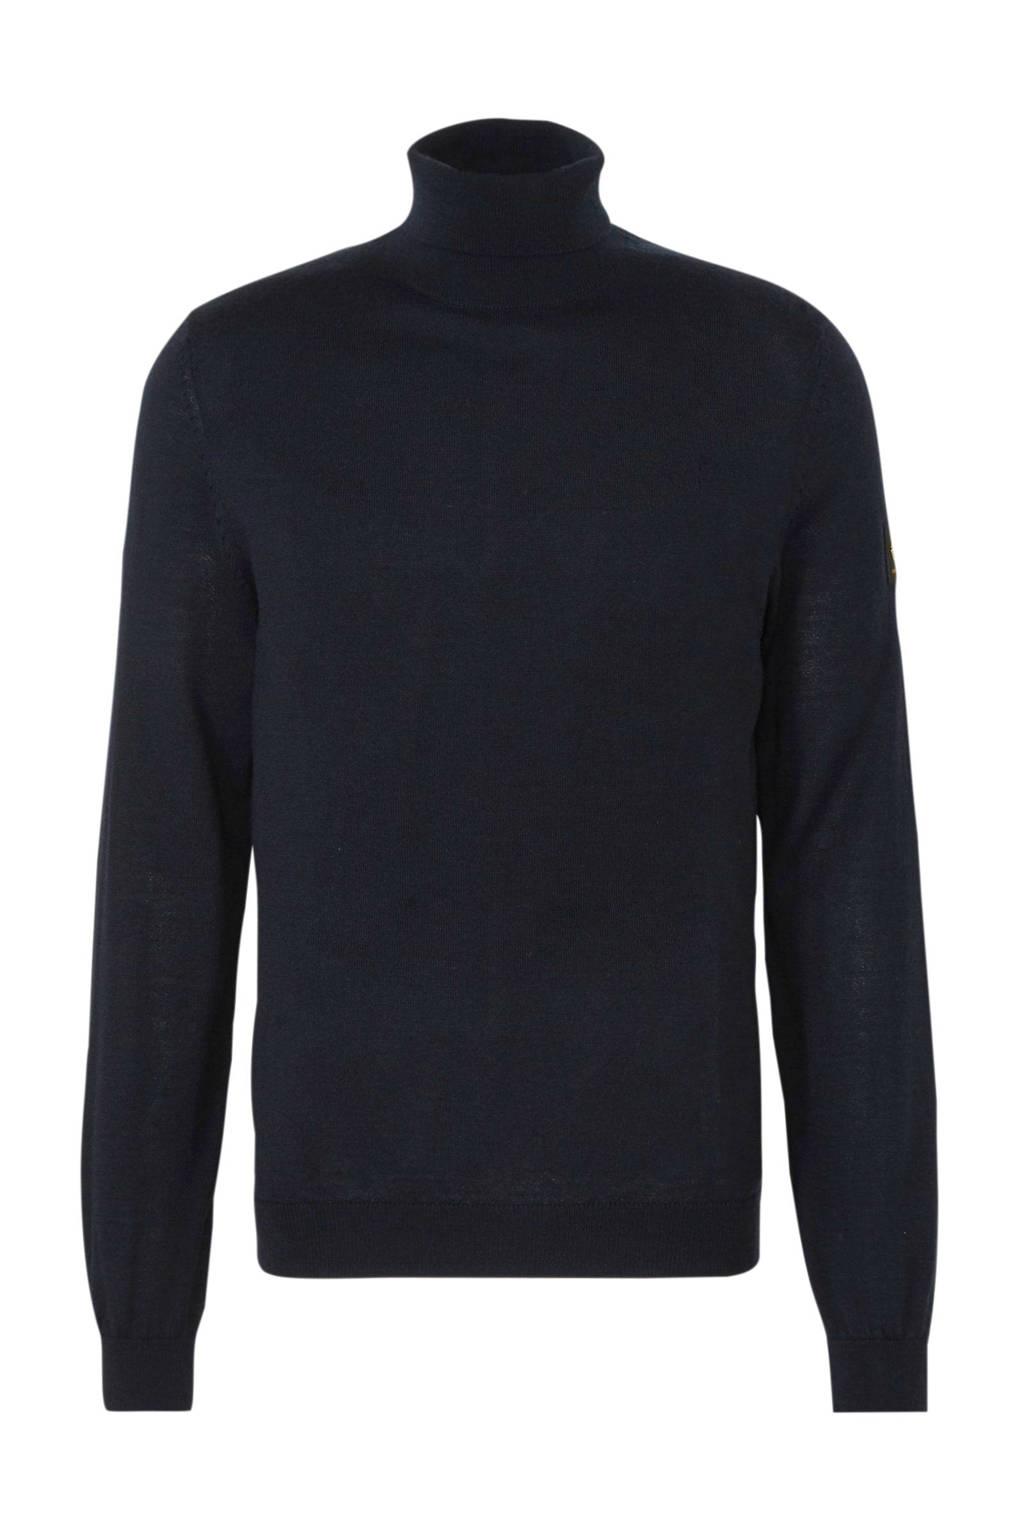 New in Town trui met wol zwart, Zwart